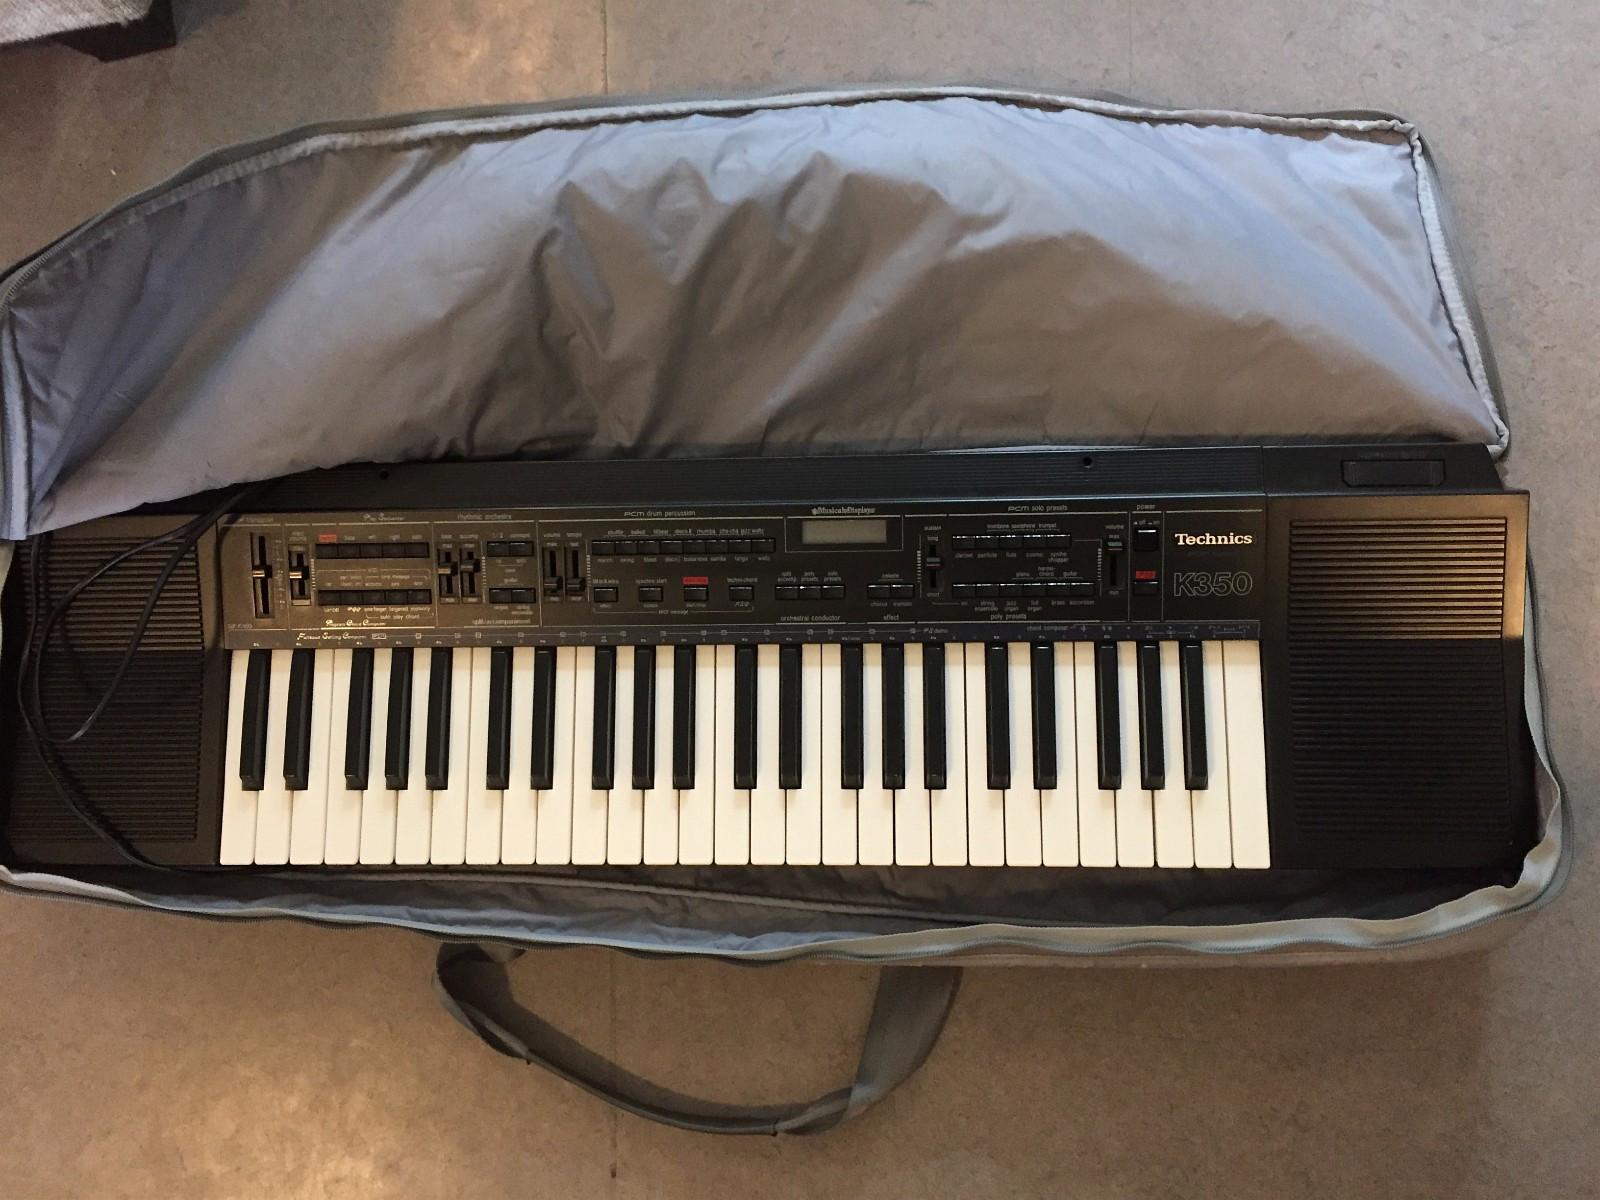 Keyboard Synth Technics k350 - Lillehammer  - Keyboard i fin stand selges til rimelig pris.  Keyboardet heter Technics k350. Kan prøves / hentes i Lillehammer. Ta kontakt ved interesse! - Lillehammer